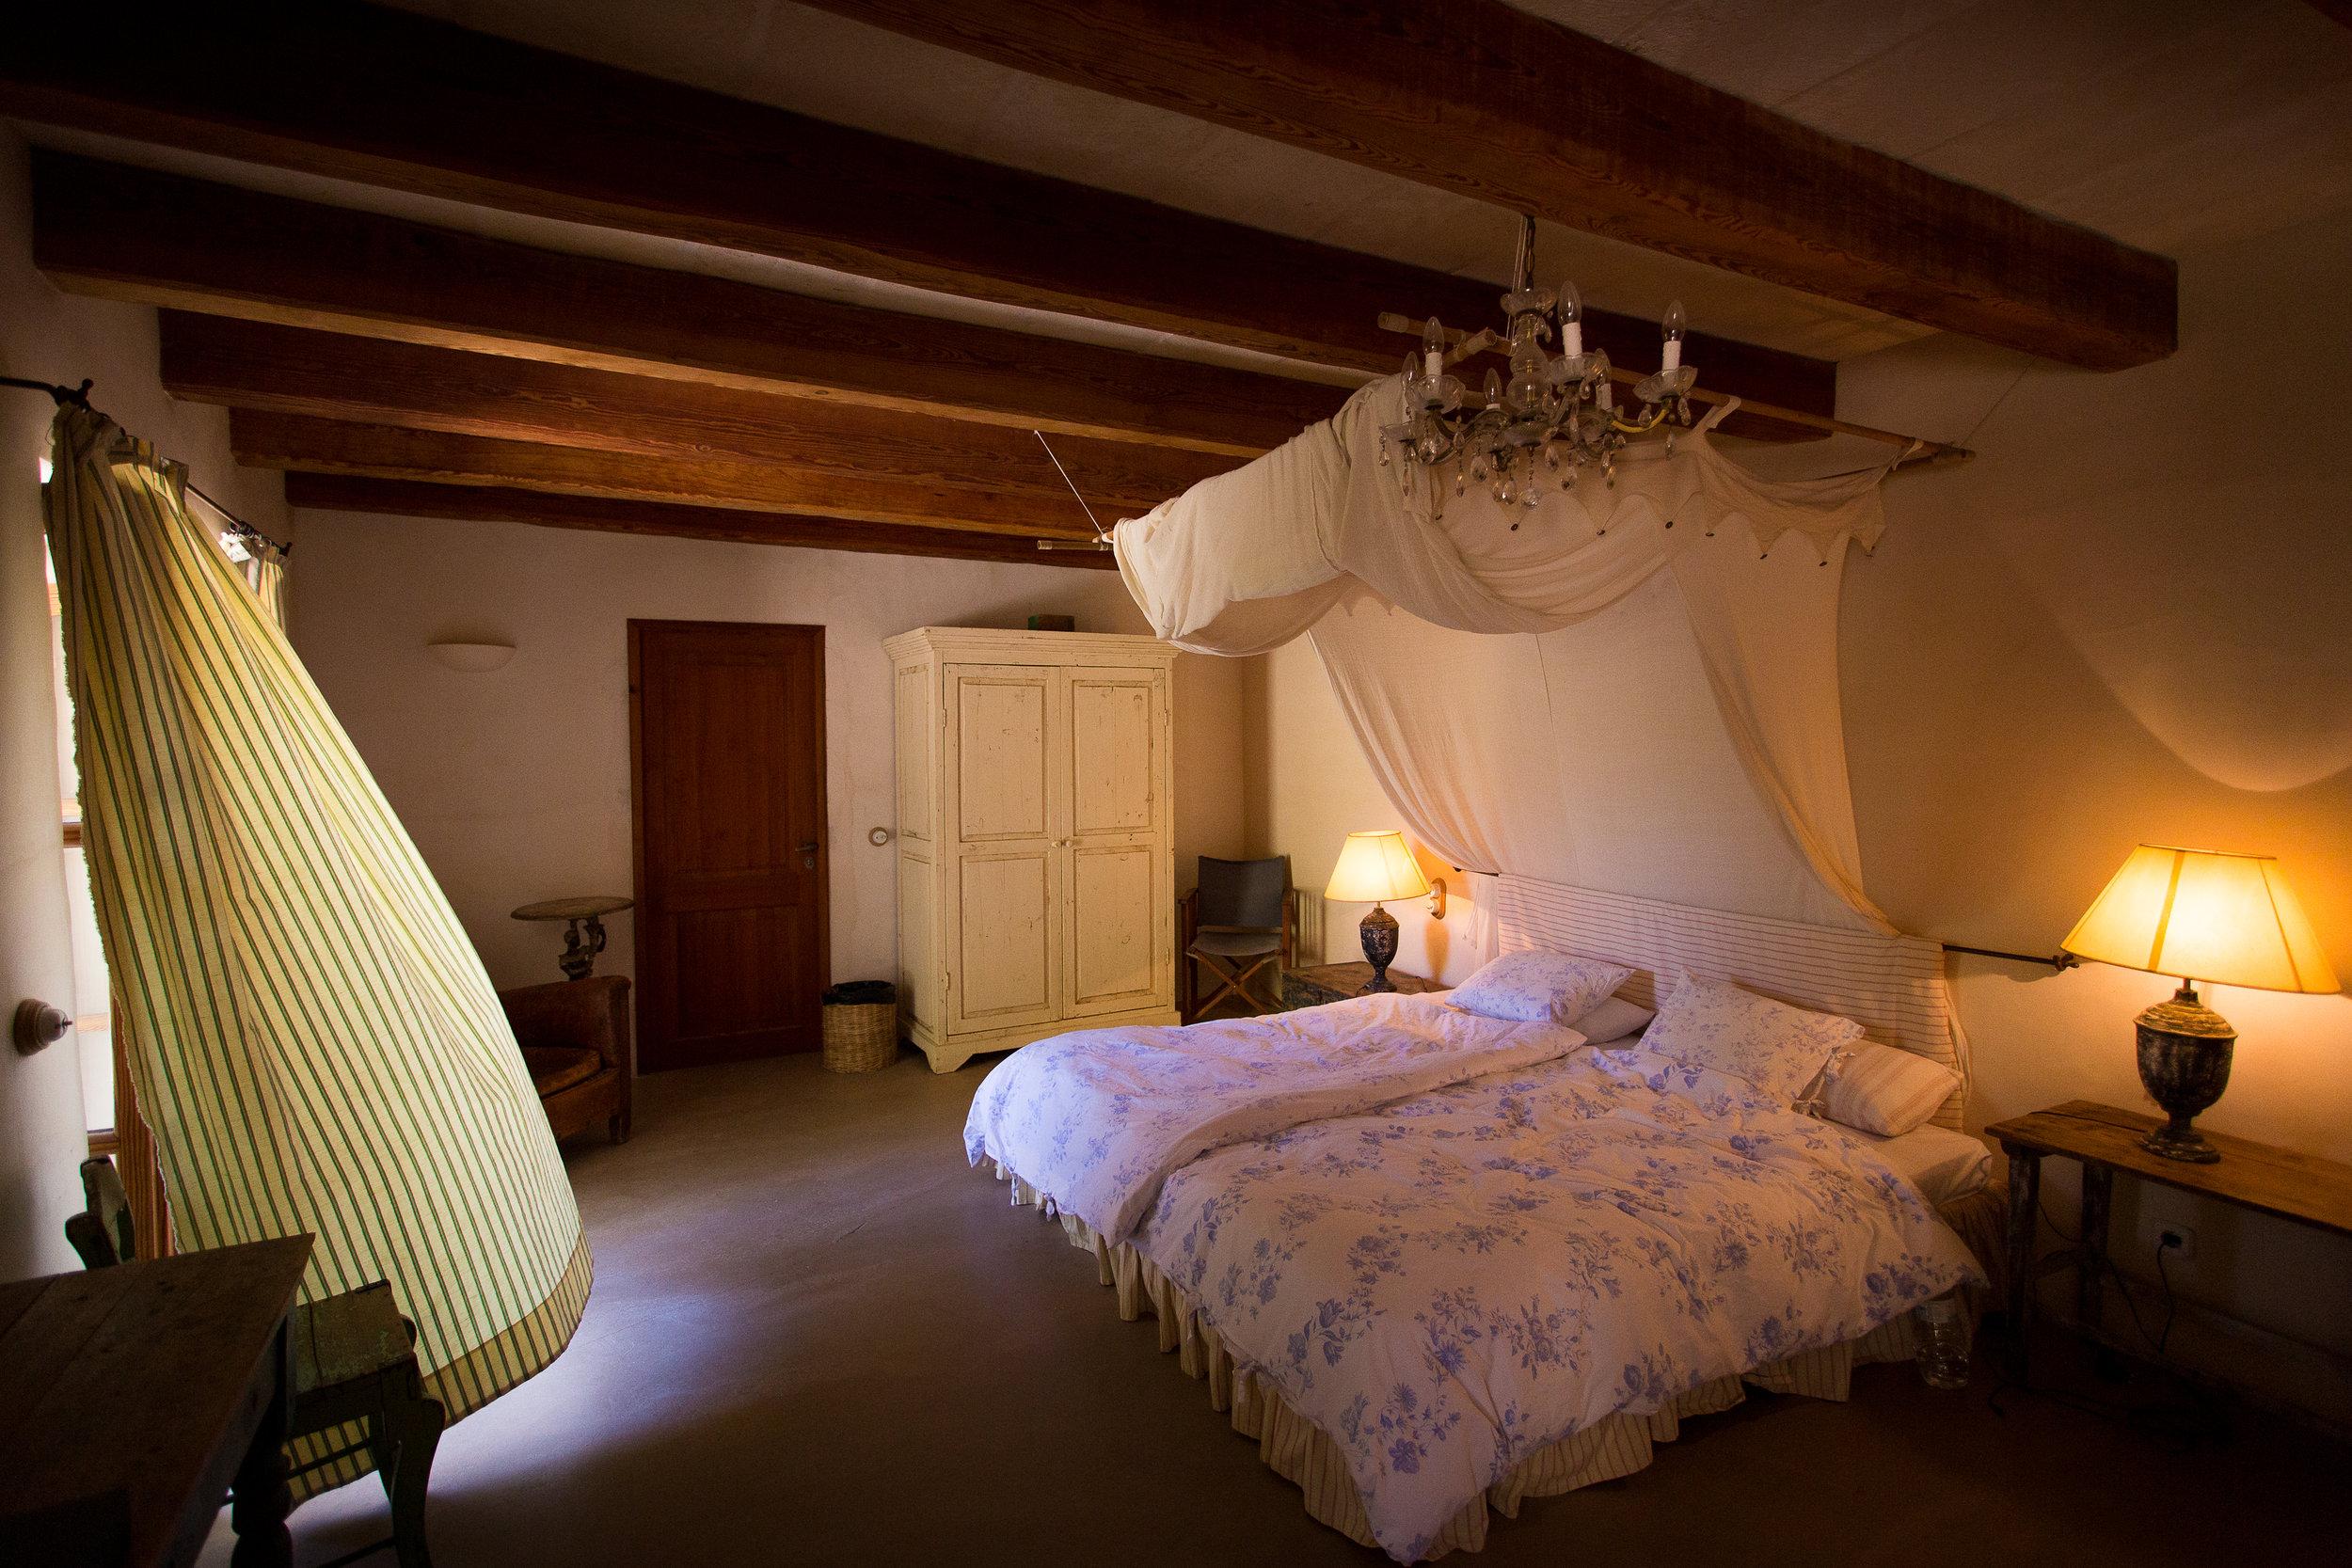 Escapada retreat @ finca ses set cases Mallorca, Spain